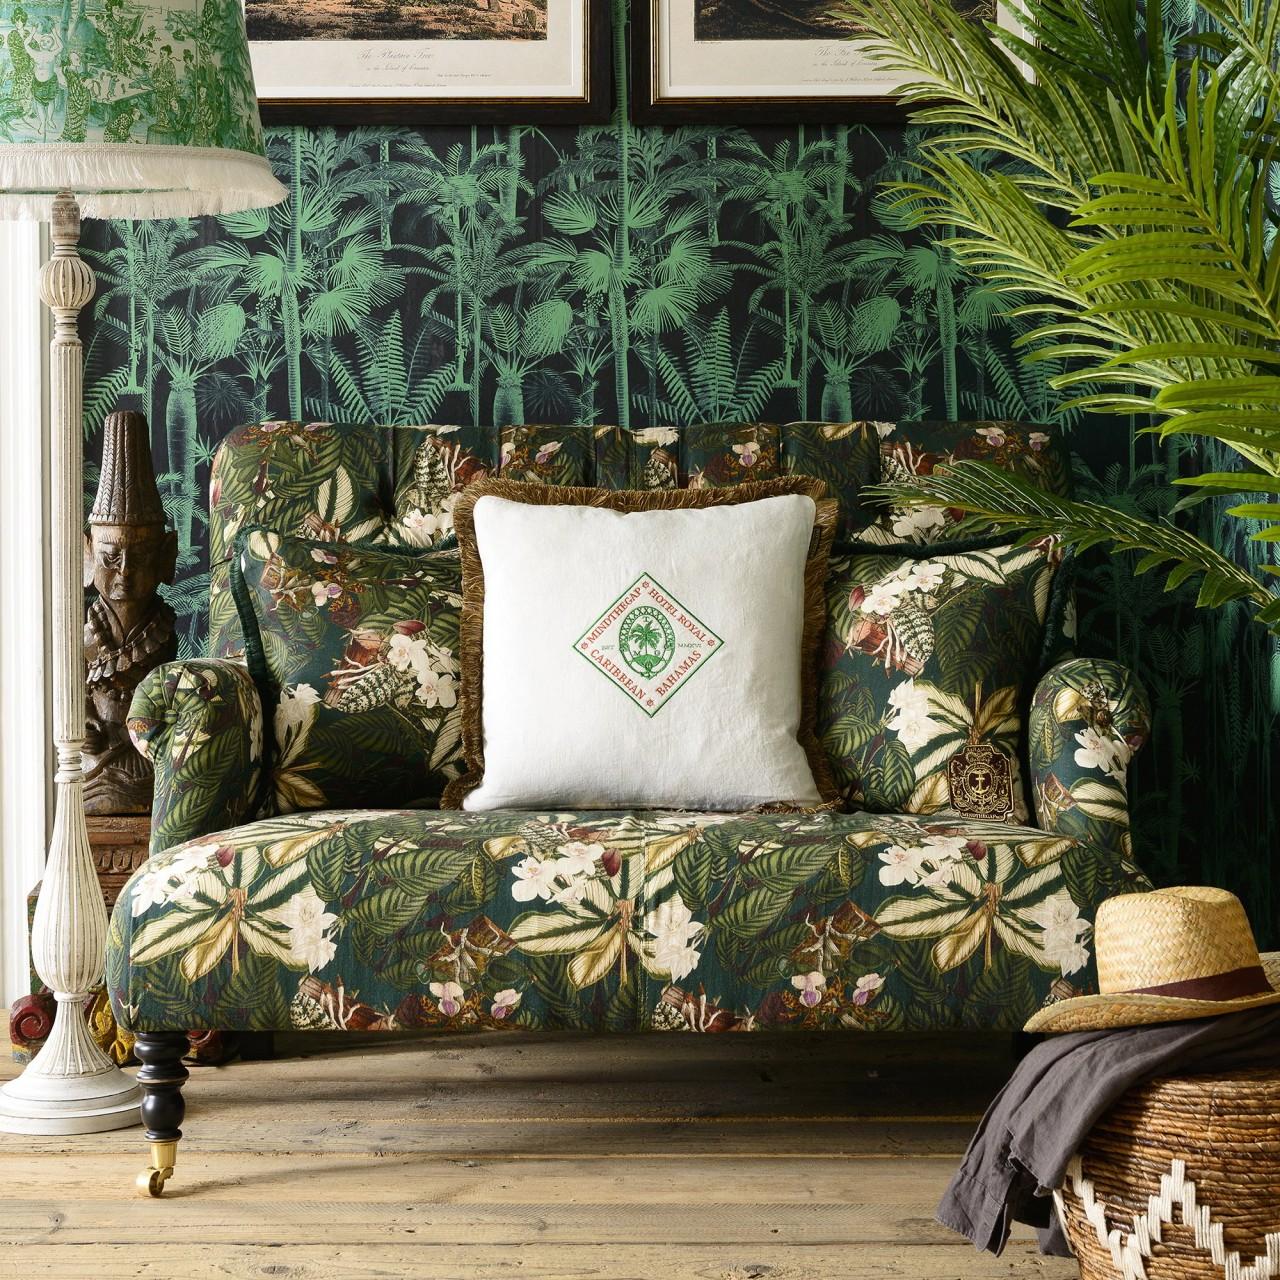 TRUMAN Sofa - ORCHID BLOOM Linen